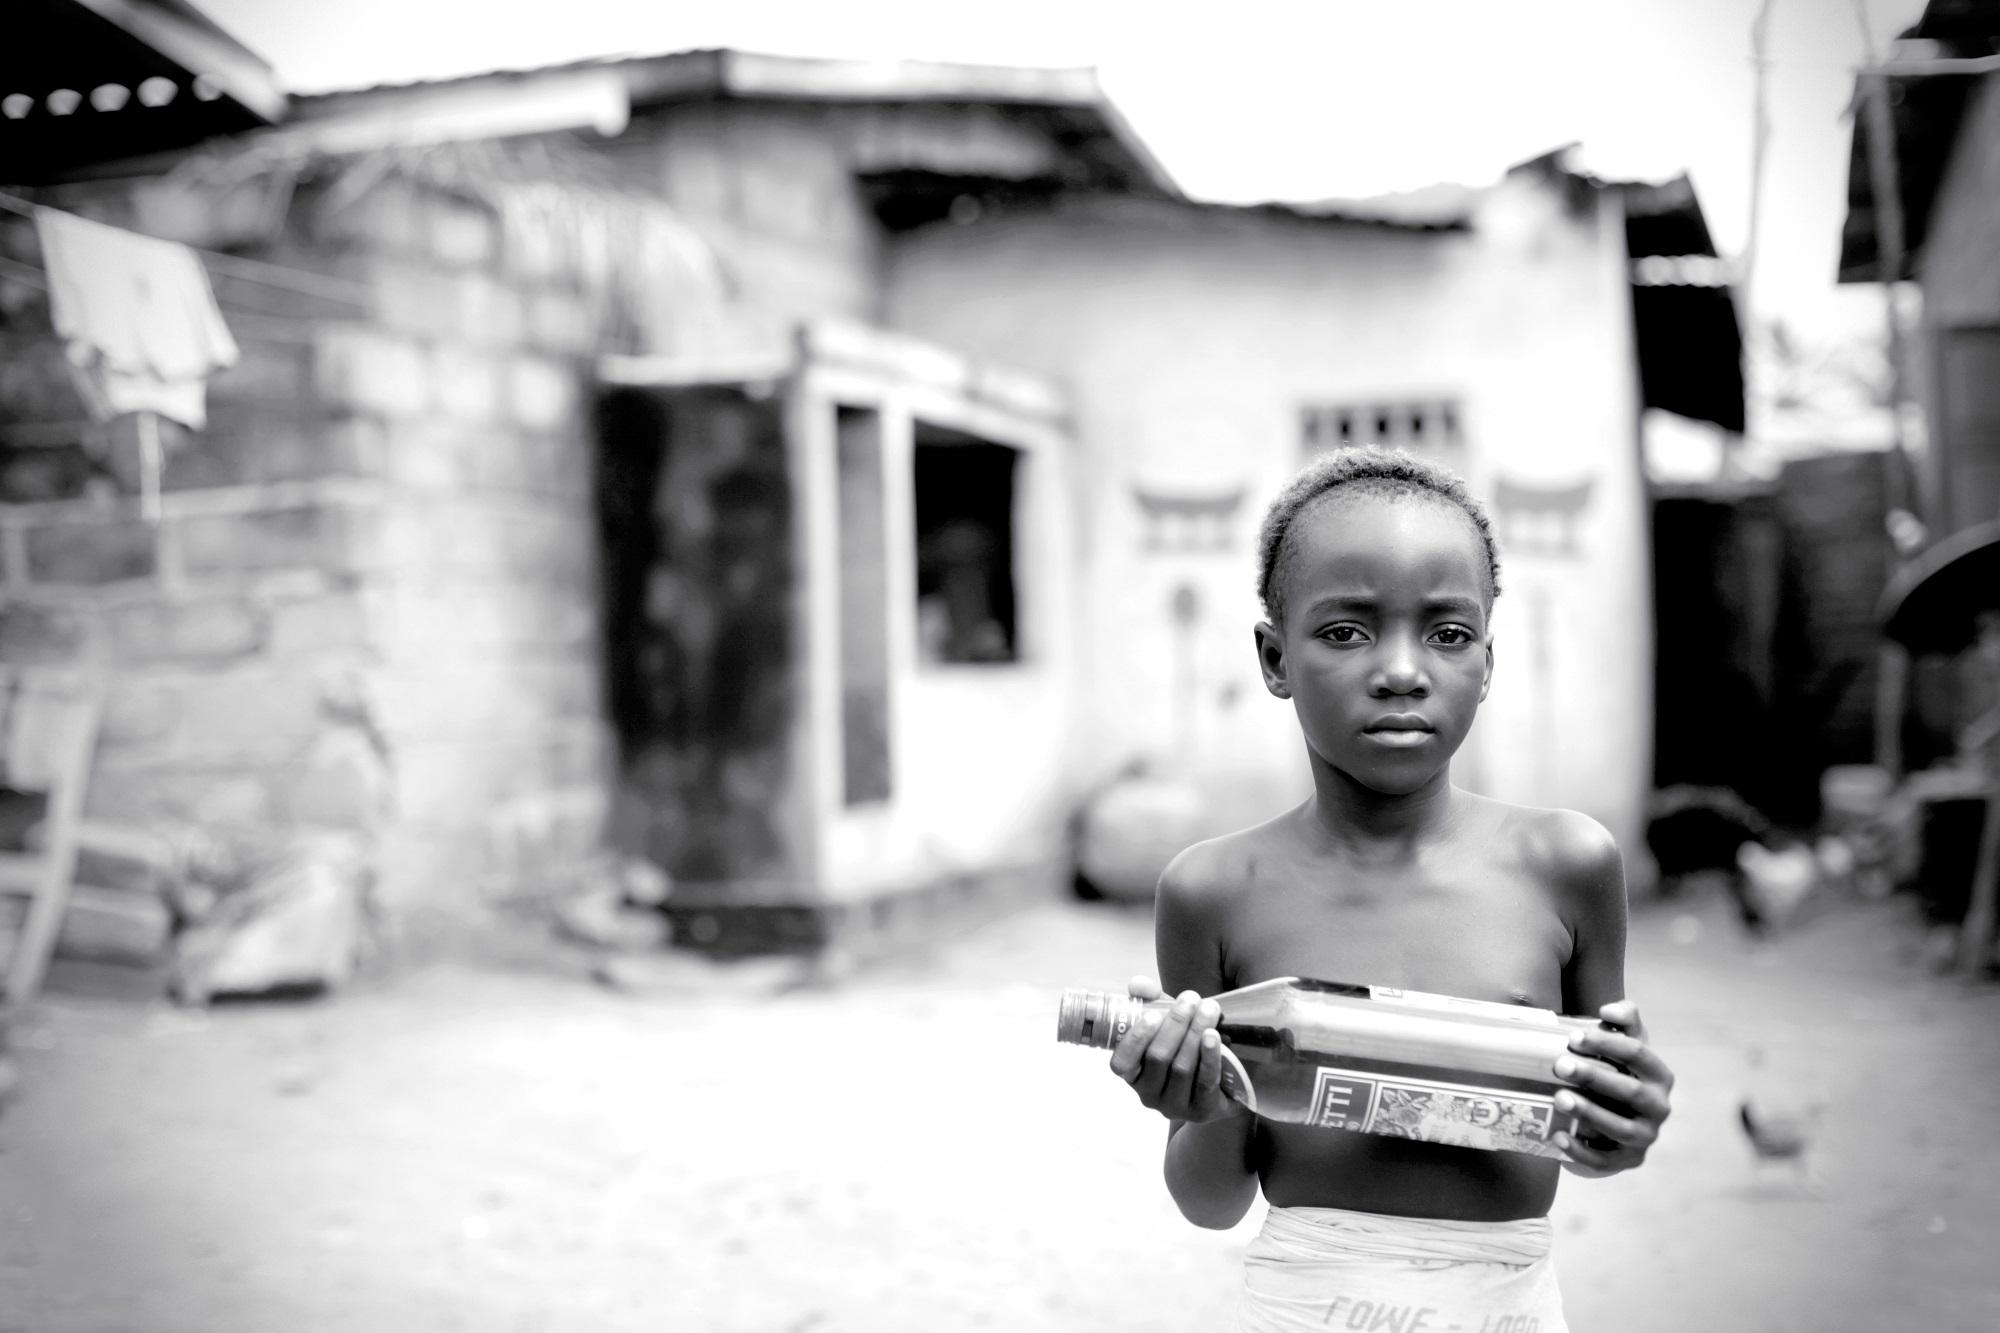 Luostarissa asuva 8-vuotias Husiga pitelee kädessään ginipulloa. Gini on jumalten suosima juoma, jota Husiga tarvitsee kasteseremoniaansa varten. Kuva: Veera Pitkänen